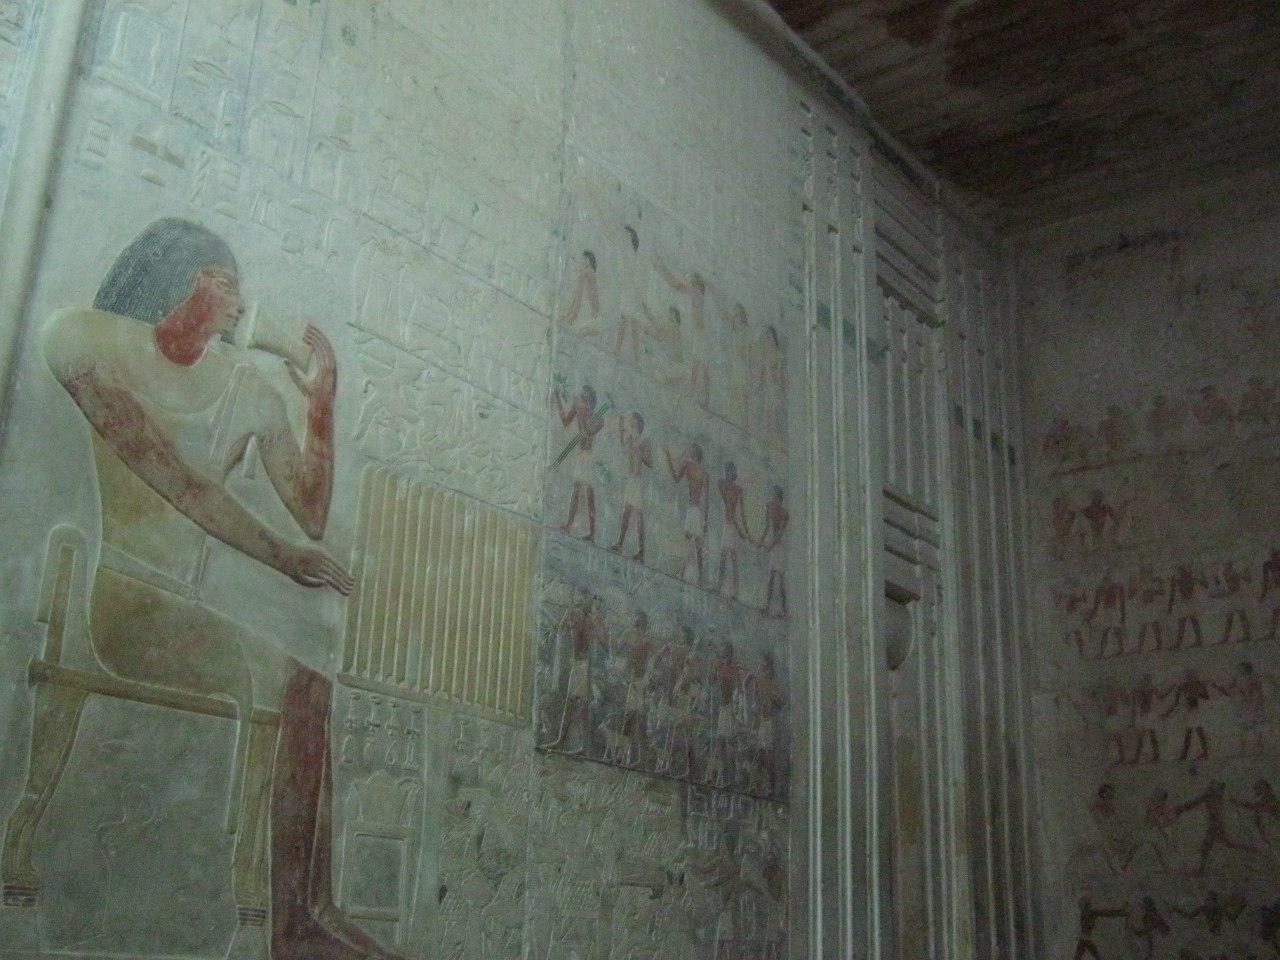 древние рисунки в гробницах в комплексе пирамид Саккара